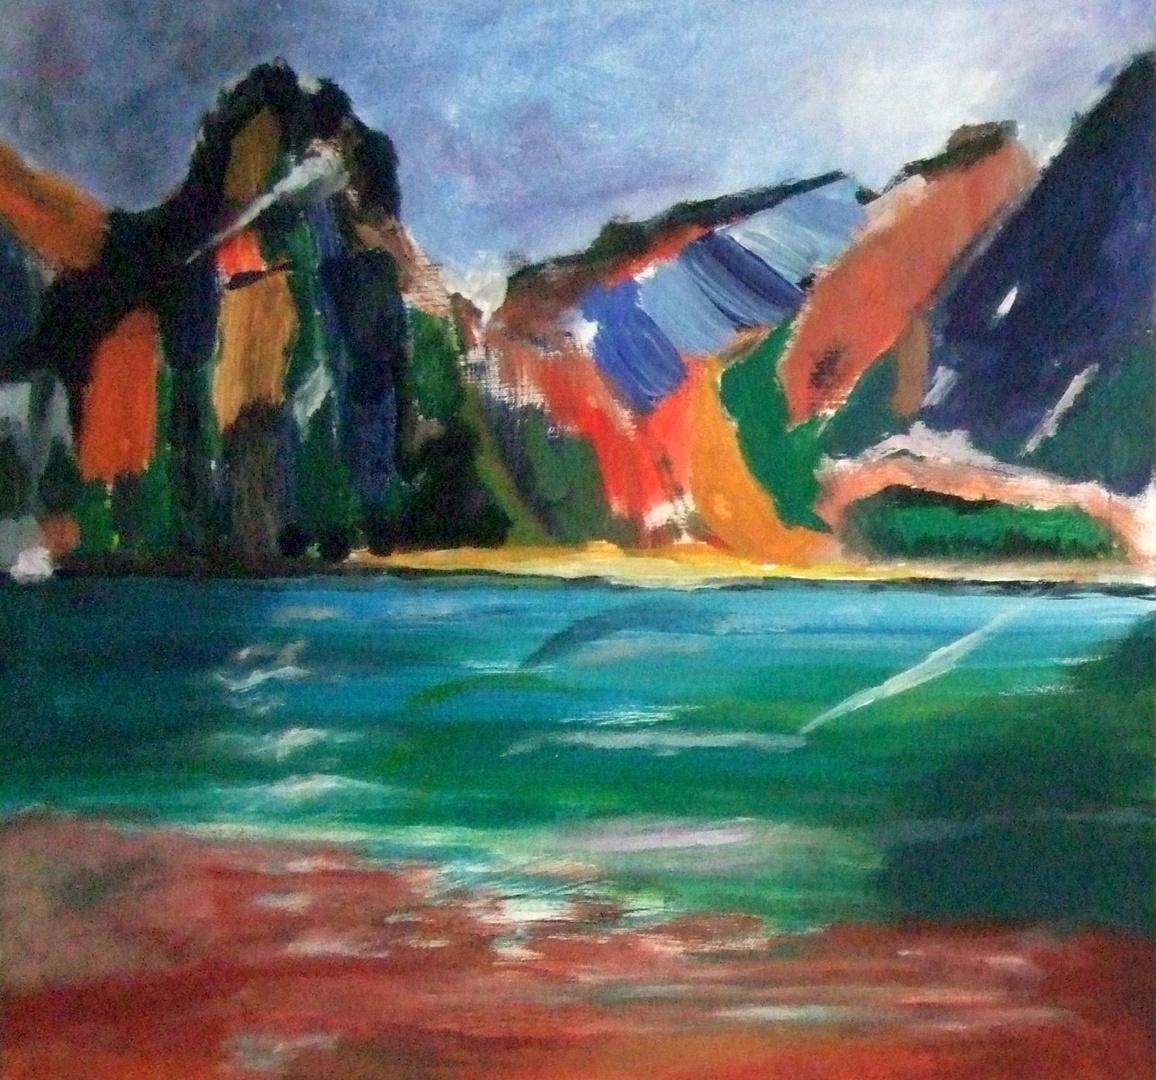 Bunte Berge und Mee(h)r